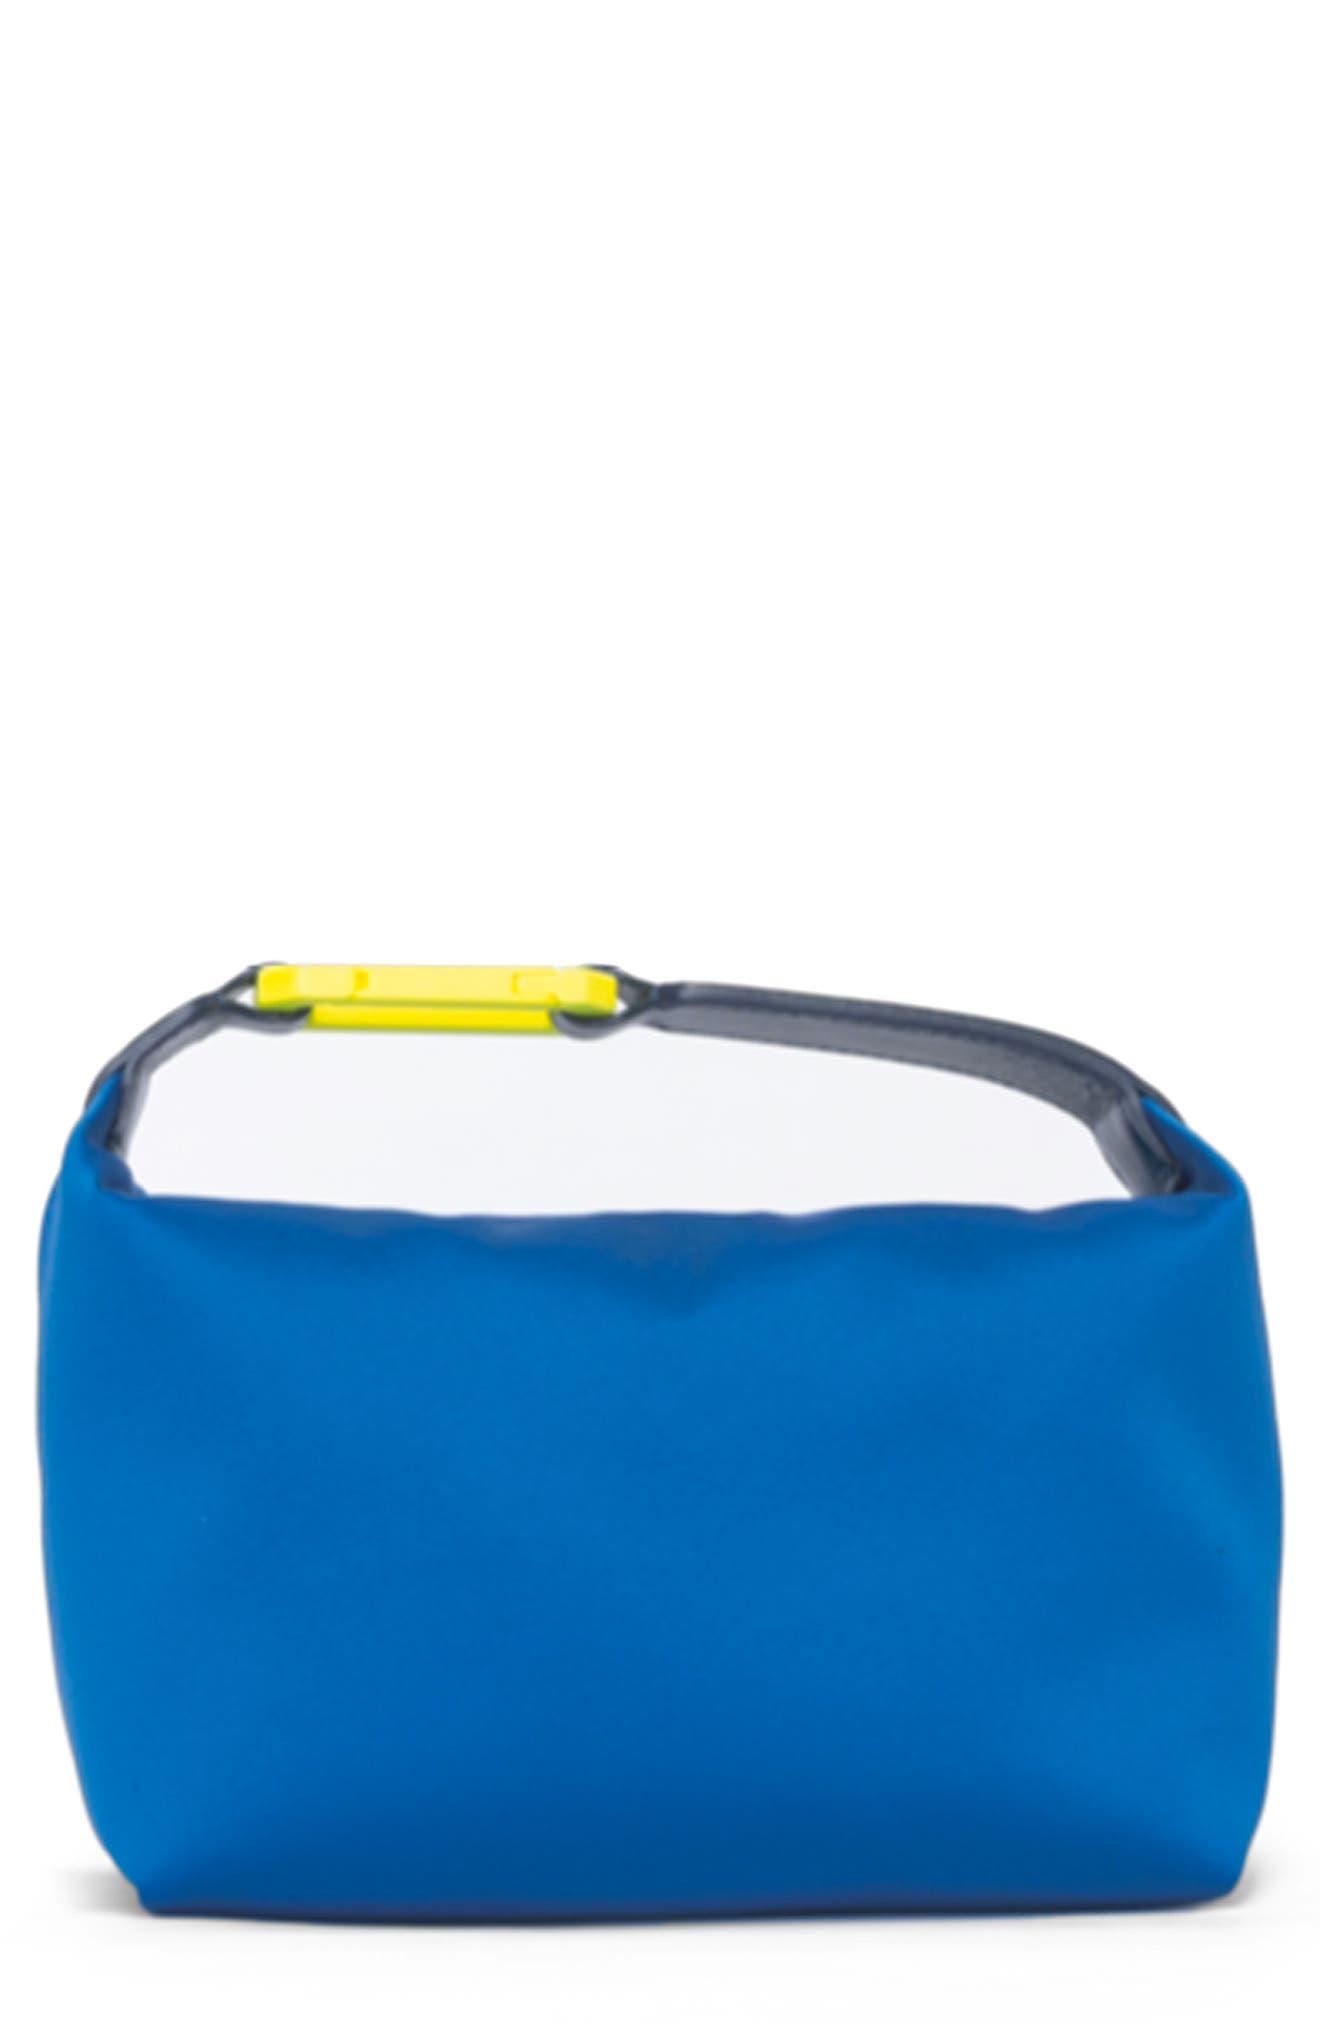 Eera Moonbag Satin Handbag